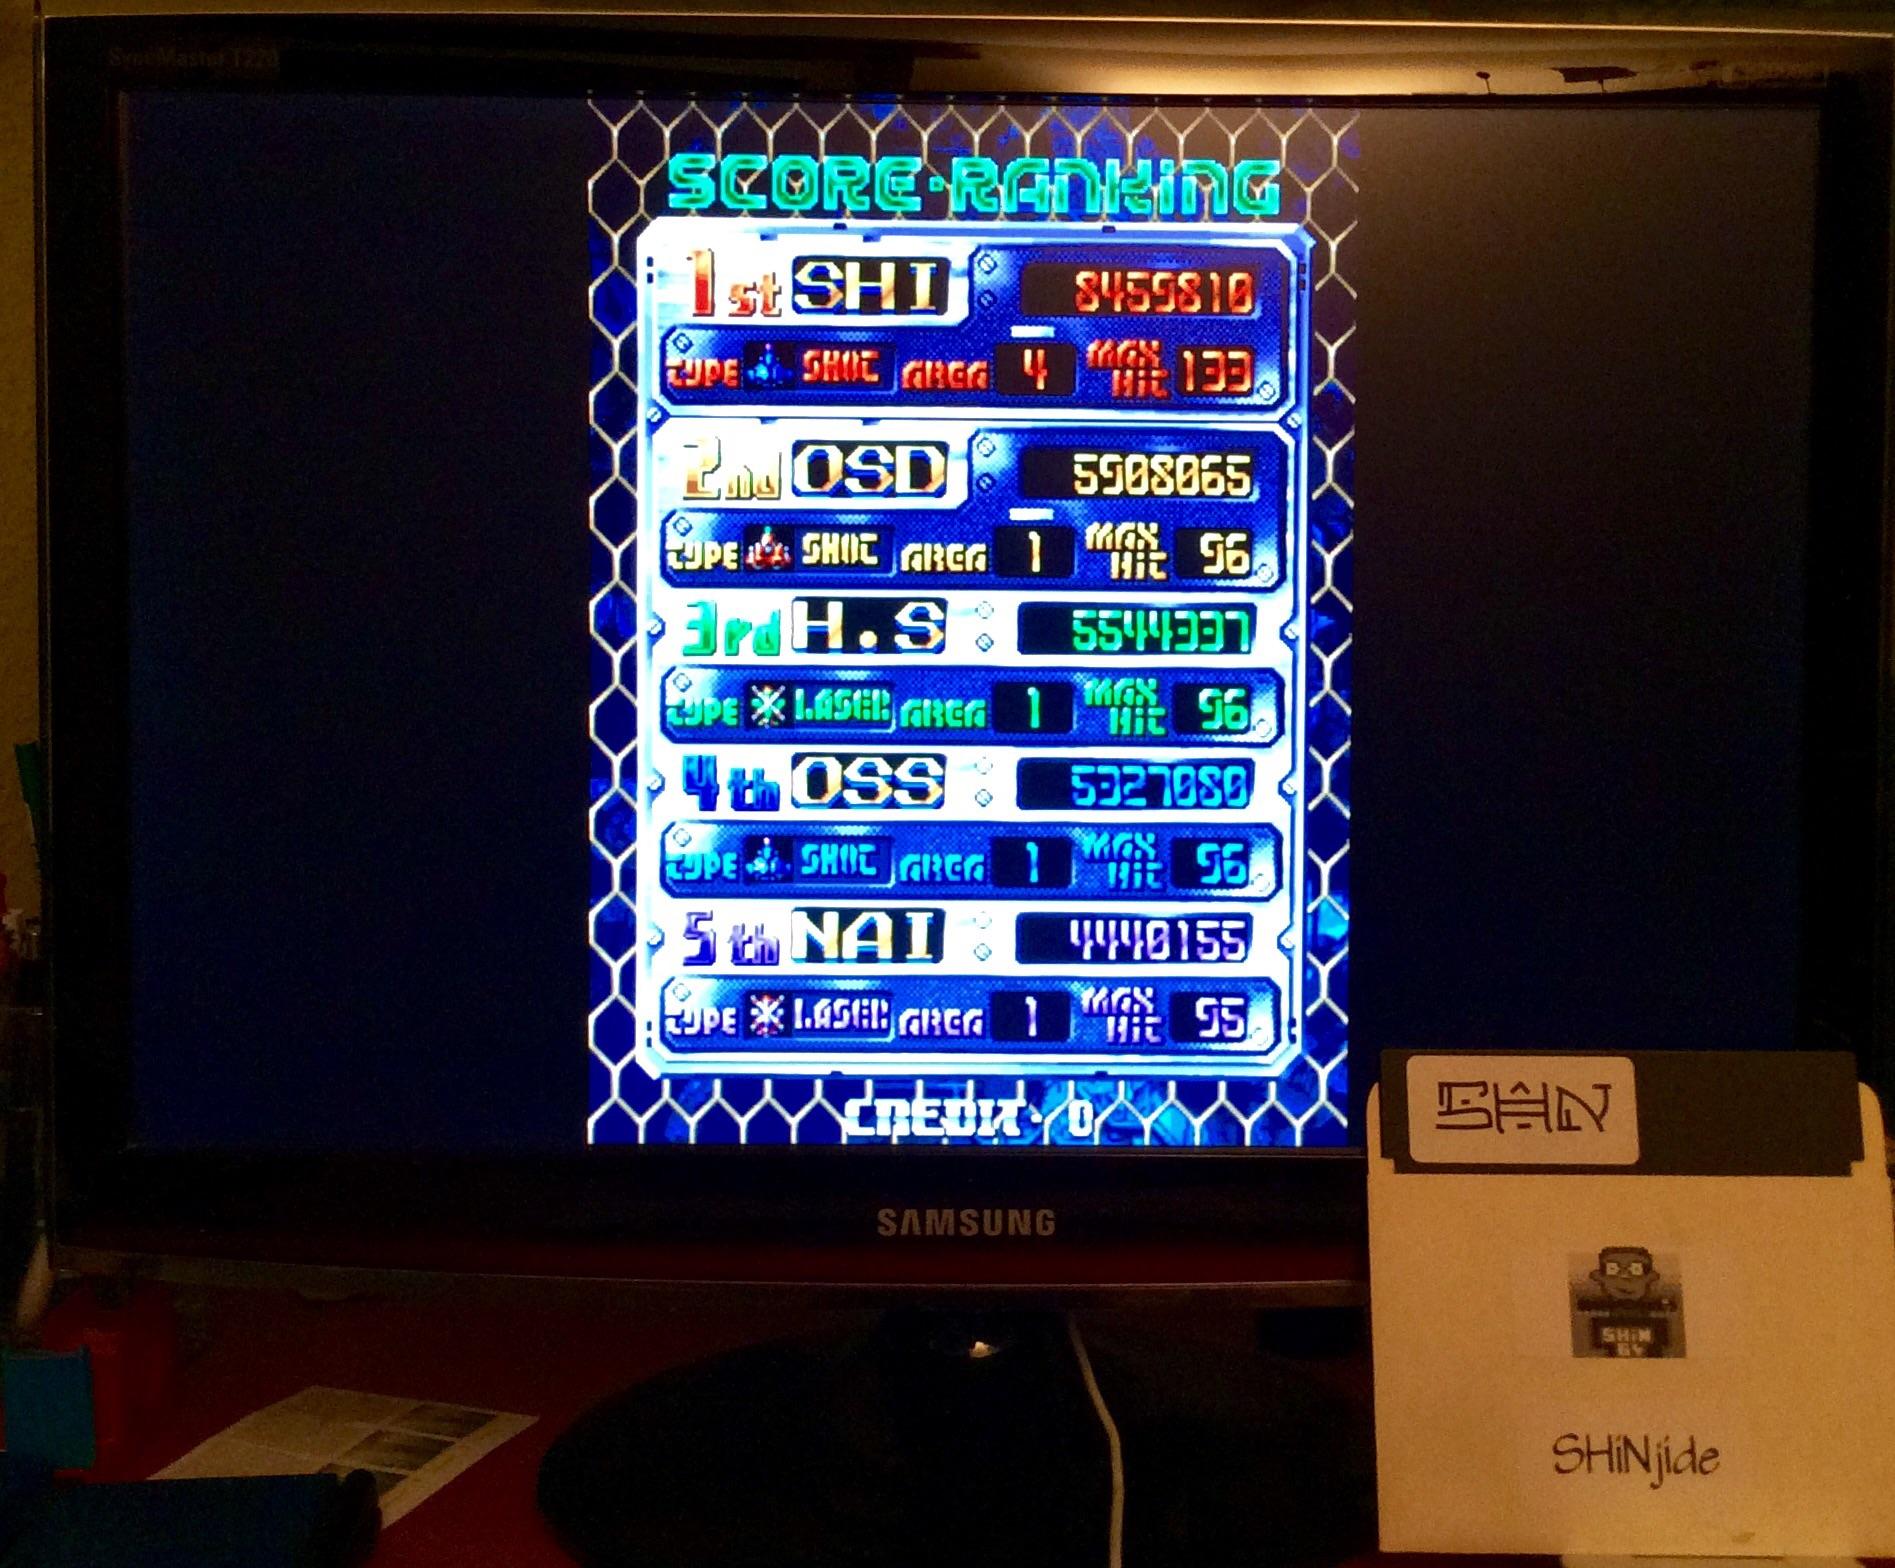 SHiNjide: DoDonPachi (Arcade Emulated / M.A.M.E.) 8,459,810 points on 2015-01-23 13:23:24